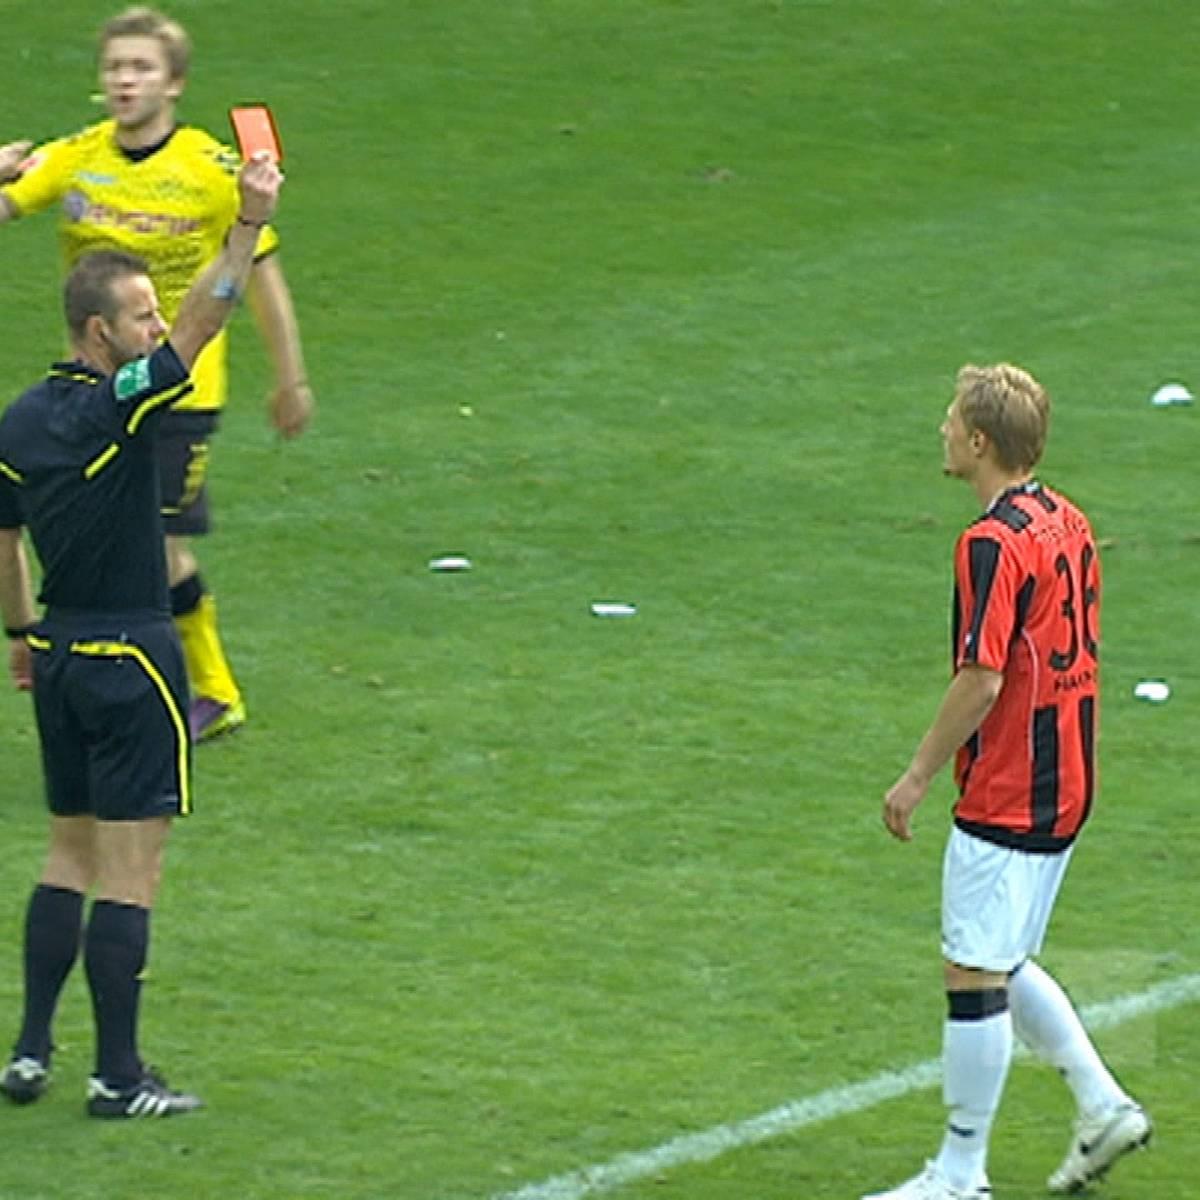 Rekord-Rot! Eintracht-Talent fliegt nach 43 Sekunden